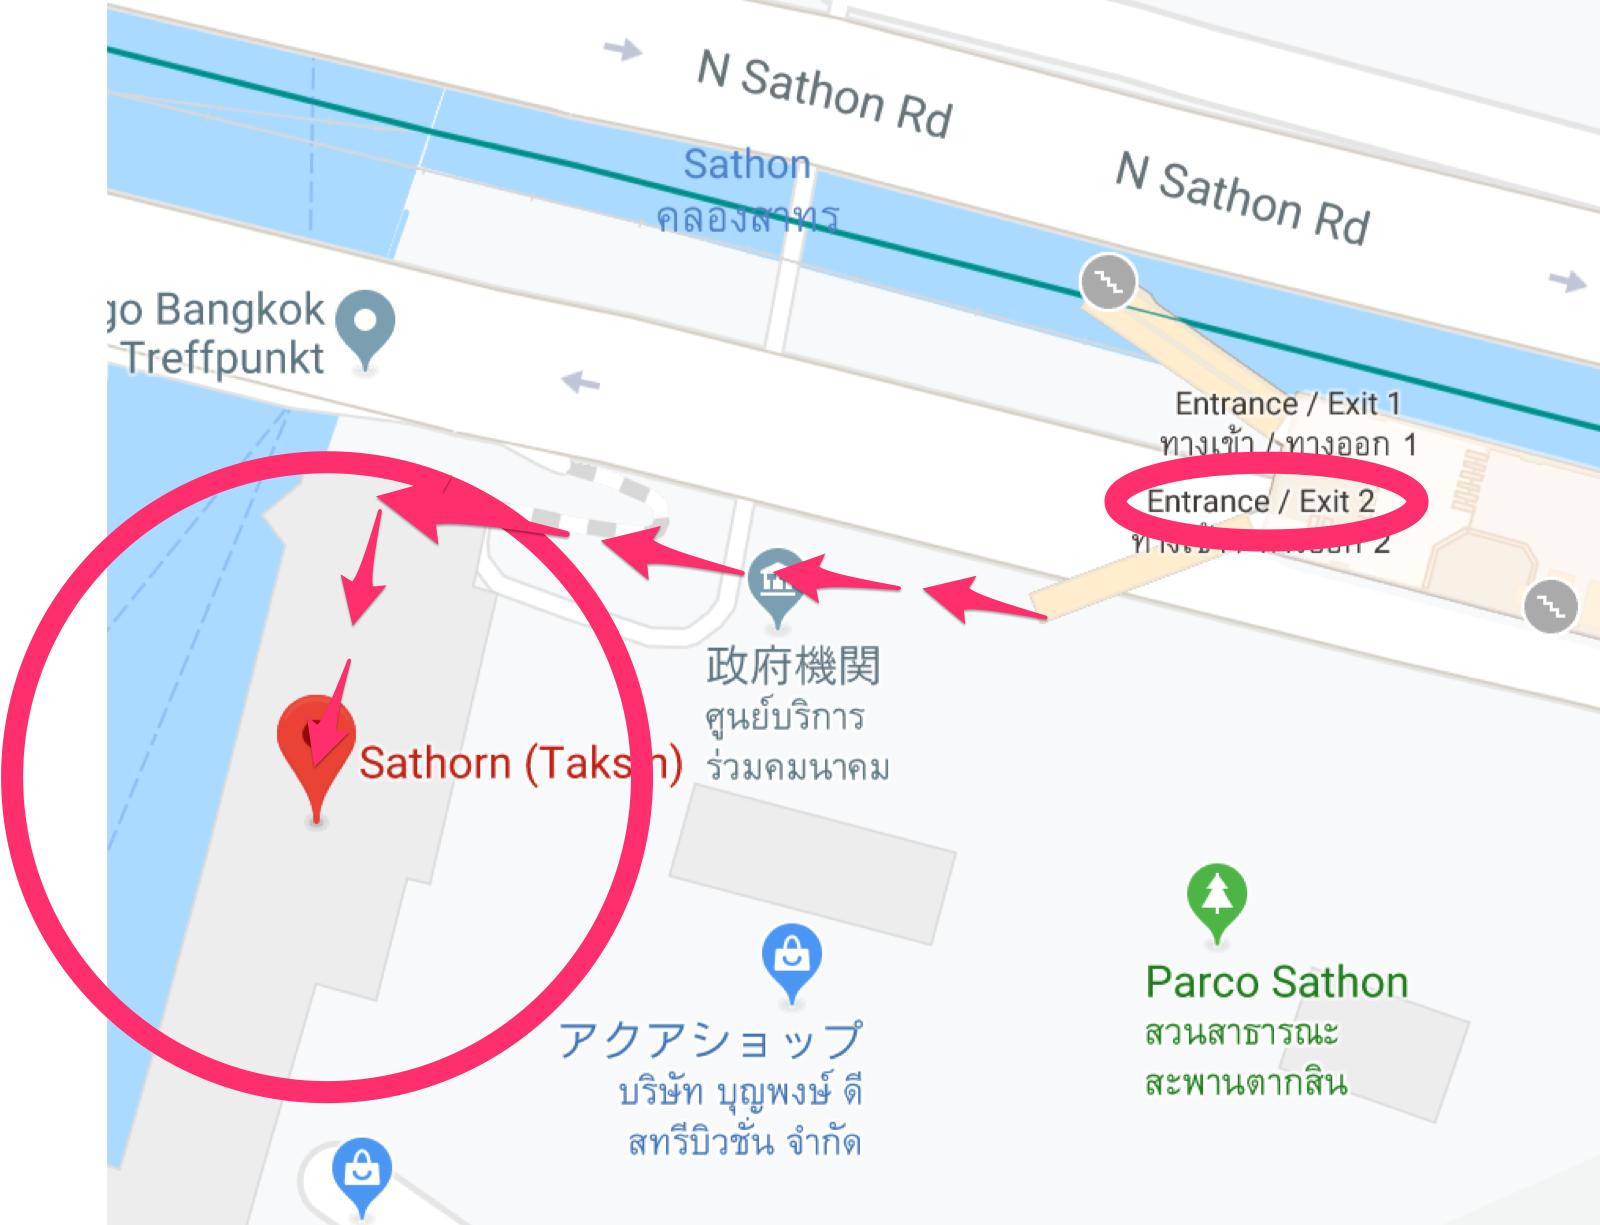 サパーンタクシン駅からサトーン船着場への行き方